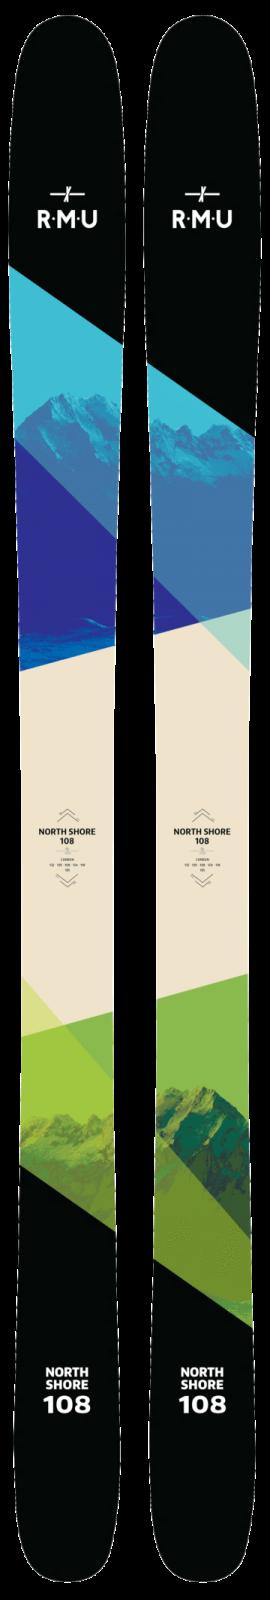 RMU 2019 North Shore 108 Wood